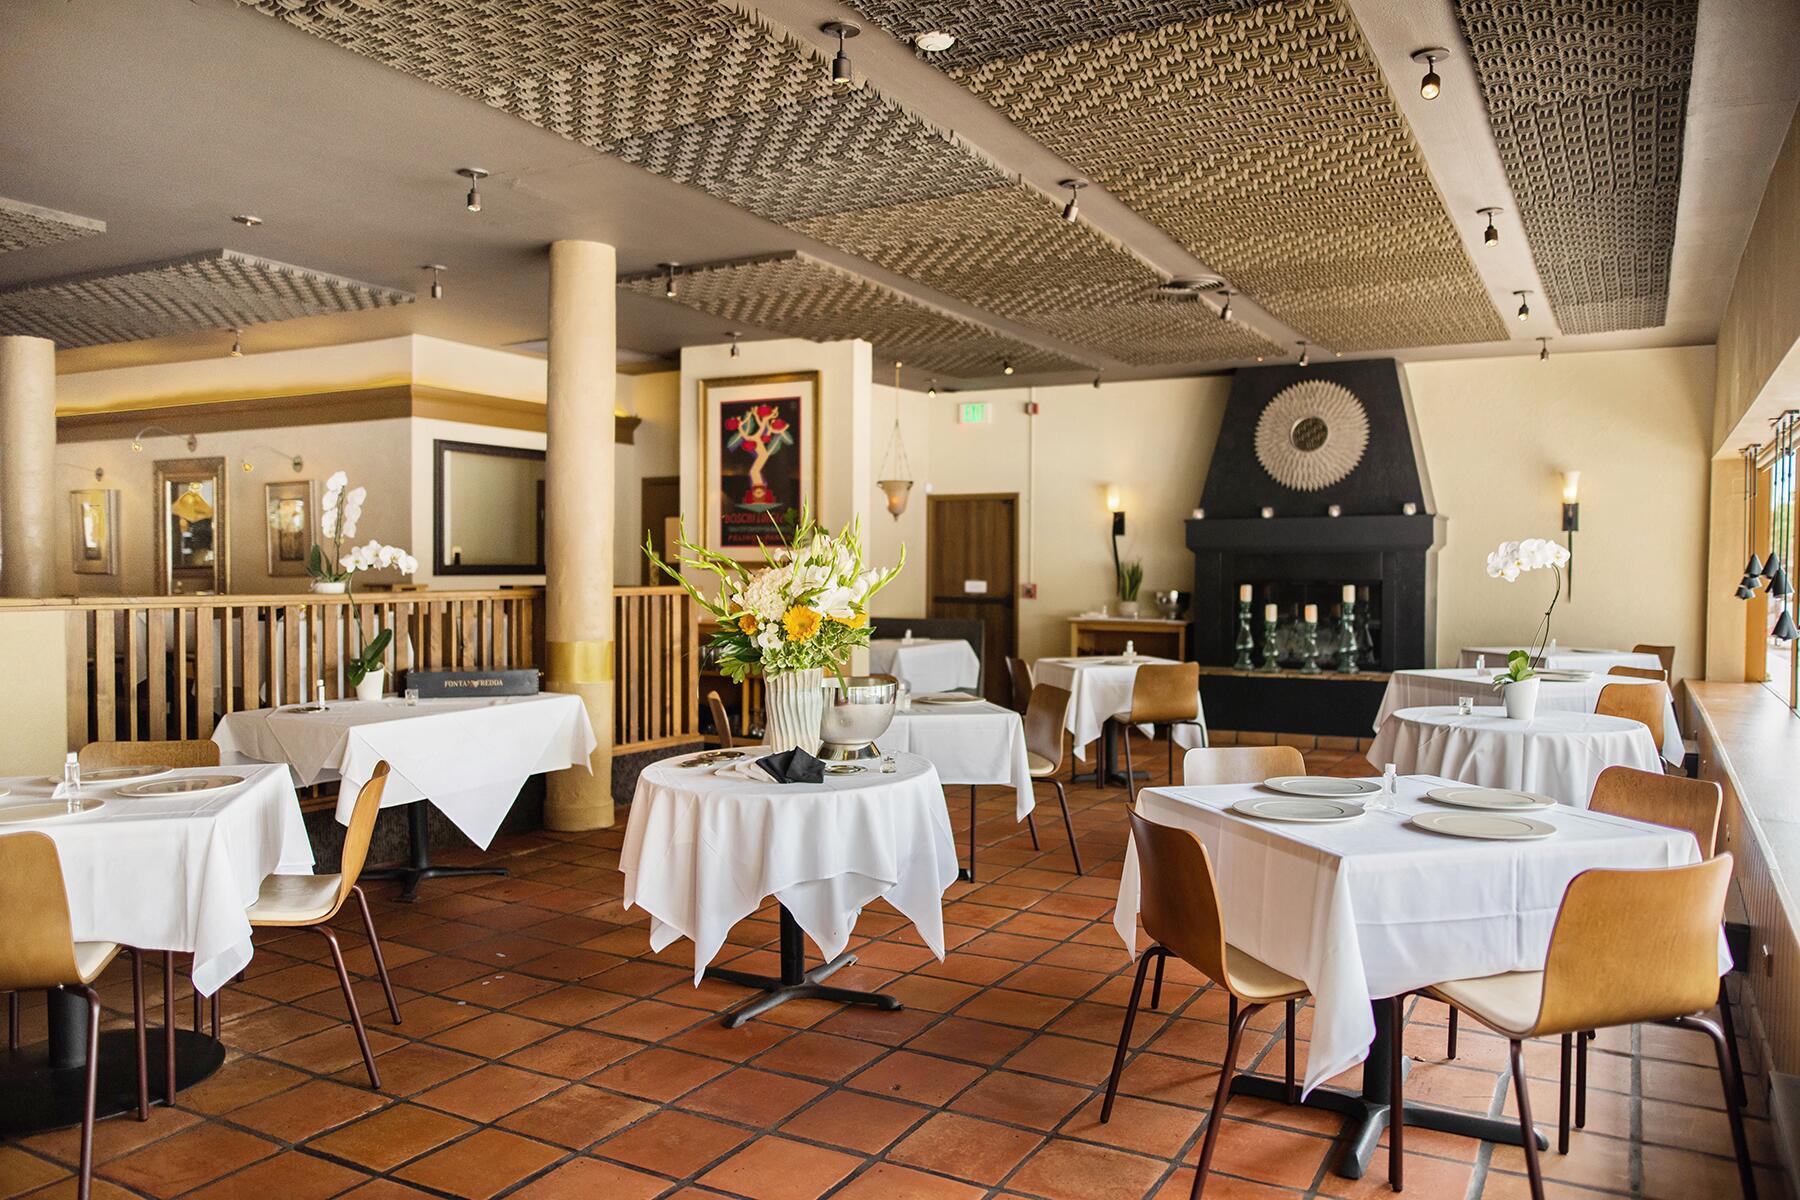 09_ItalianRestaurantsUS__BaroloGrill_9 socially distanced dining room